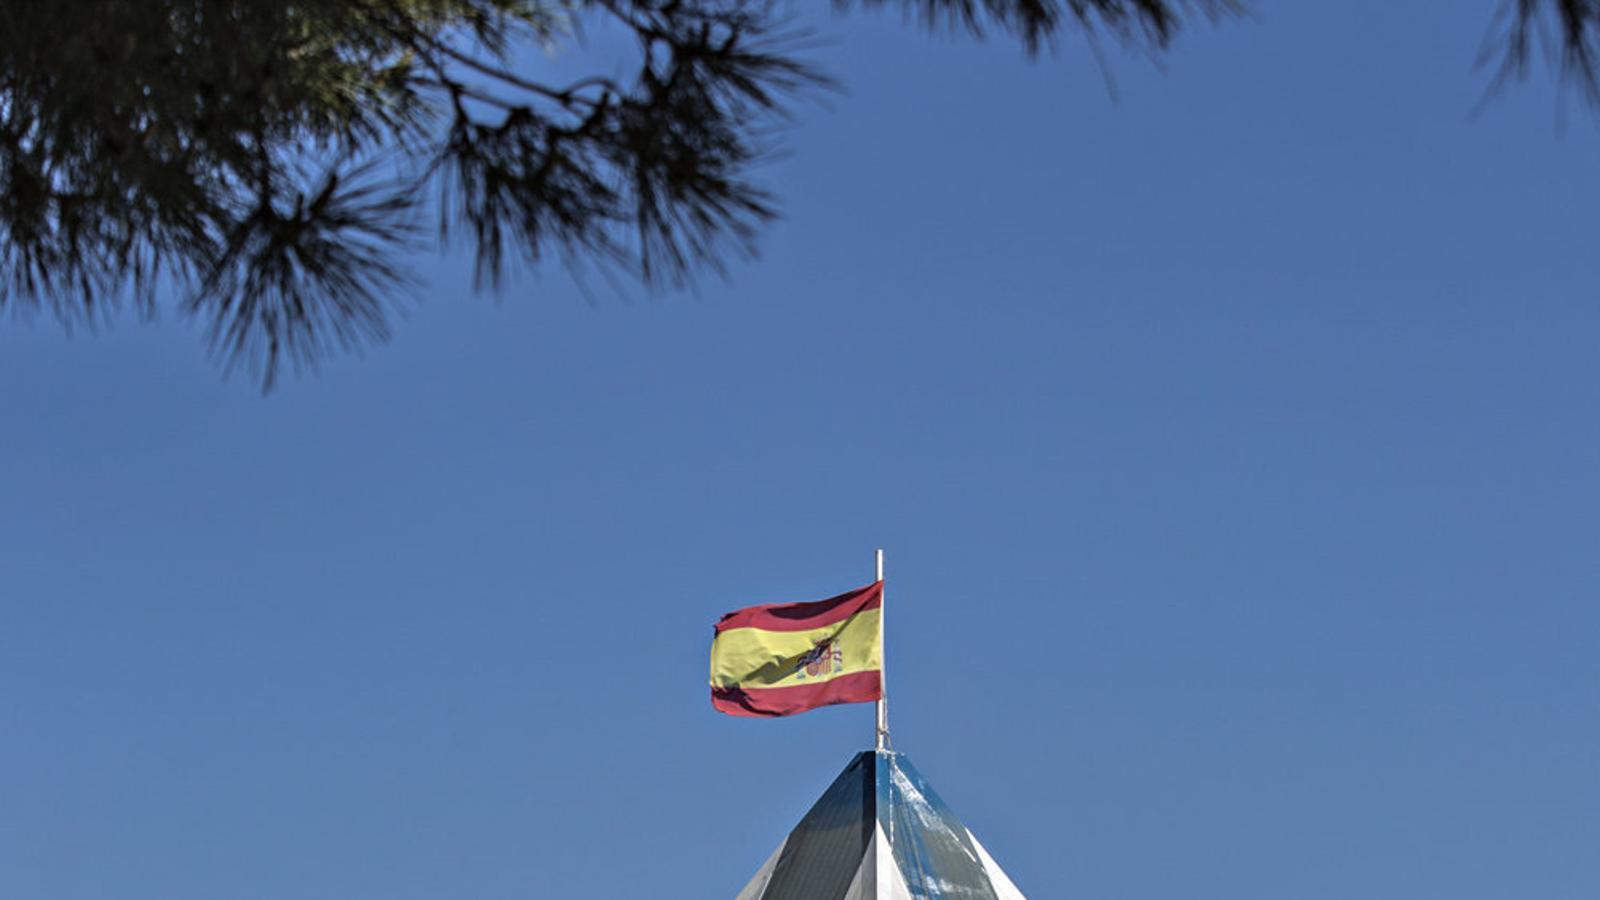 El Centre d'Internament d'Estrangers de la Zona Franca va tancar poc després que es decretés l'estat d'alarma.